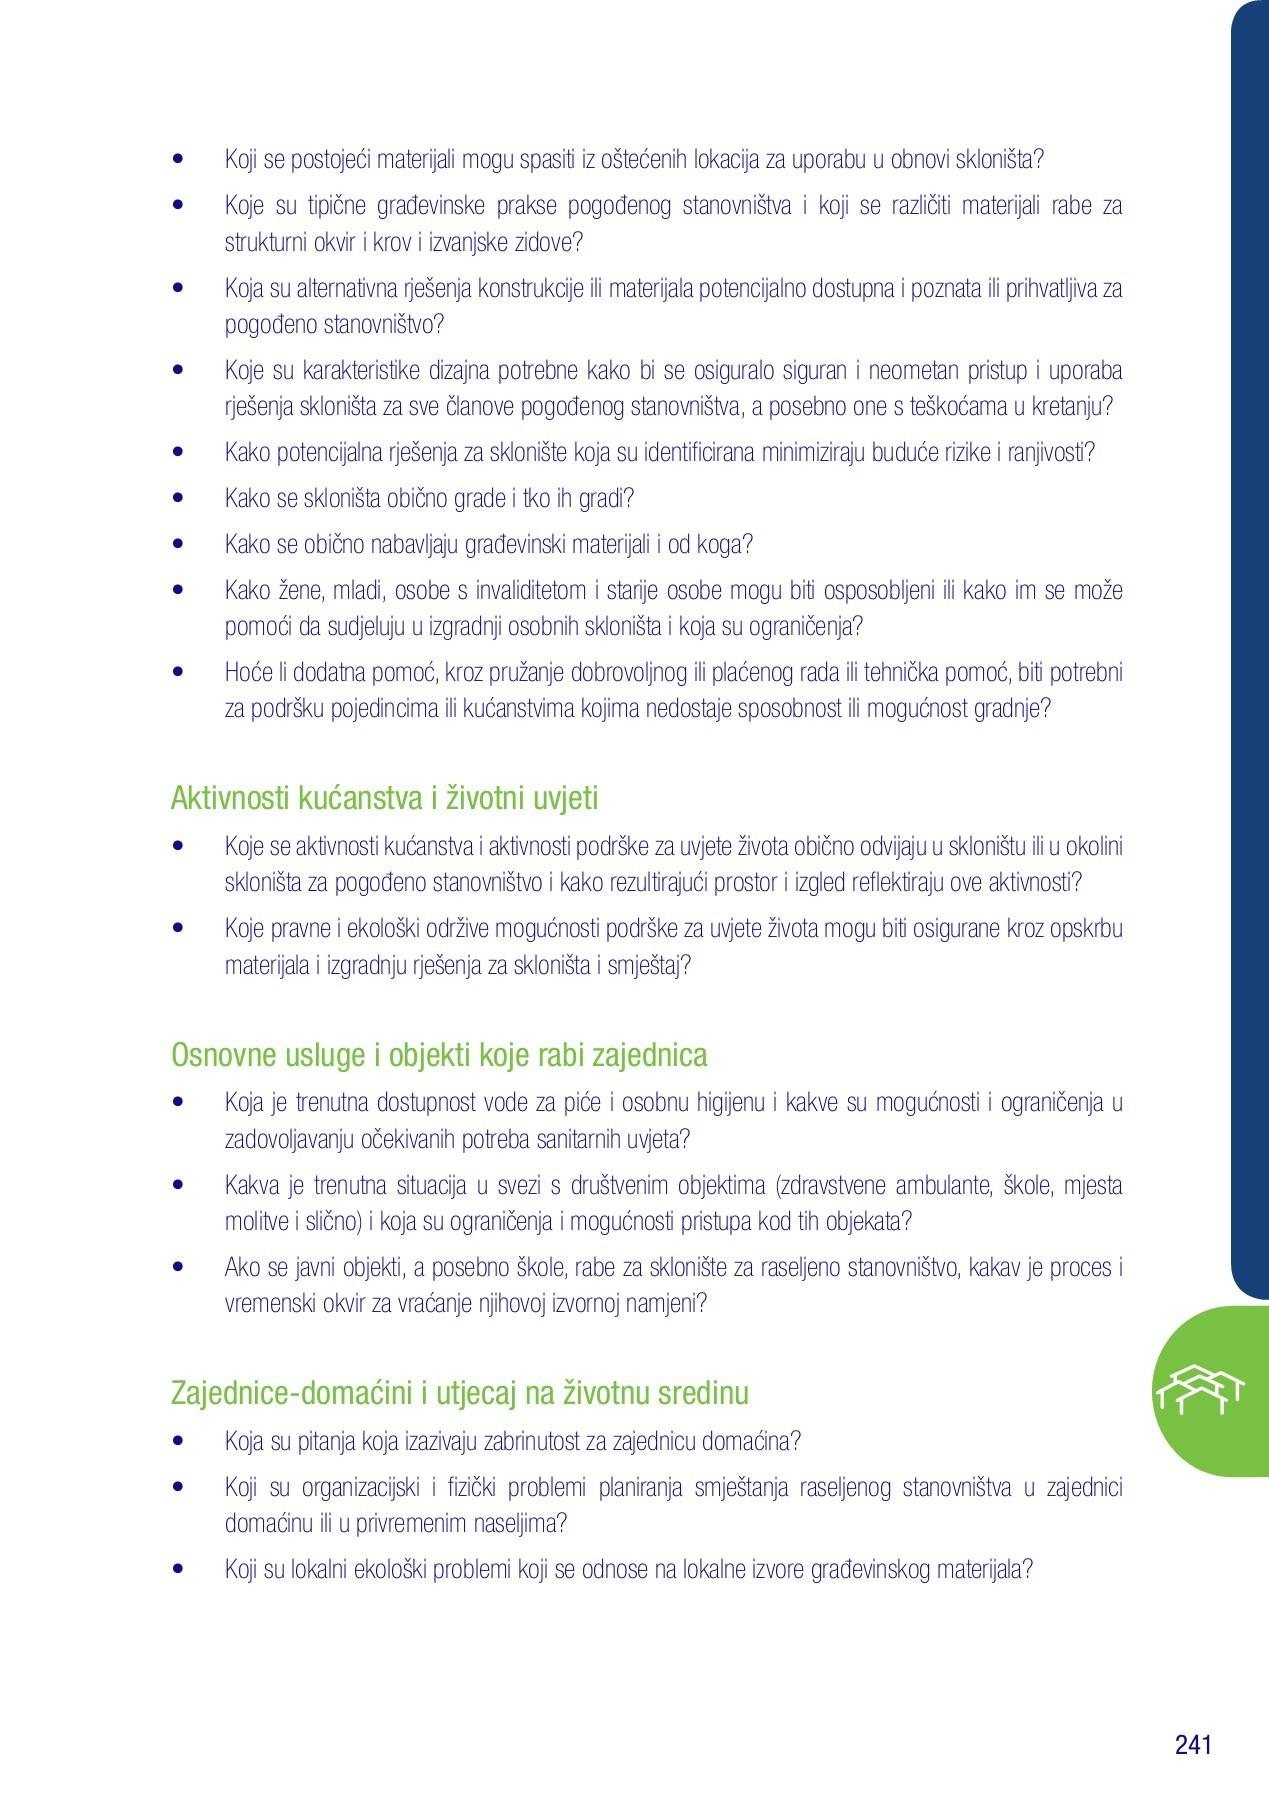 Popis štetnih proizvoda za hipertenziju